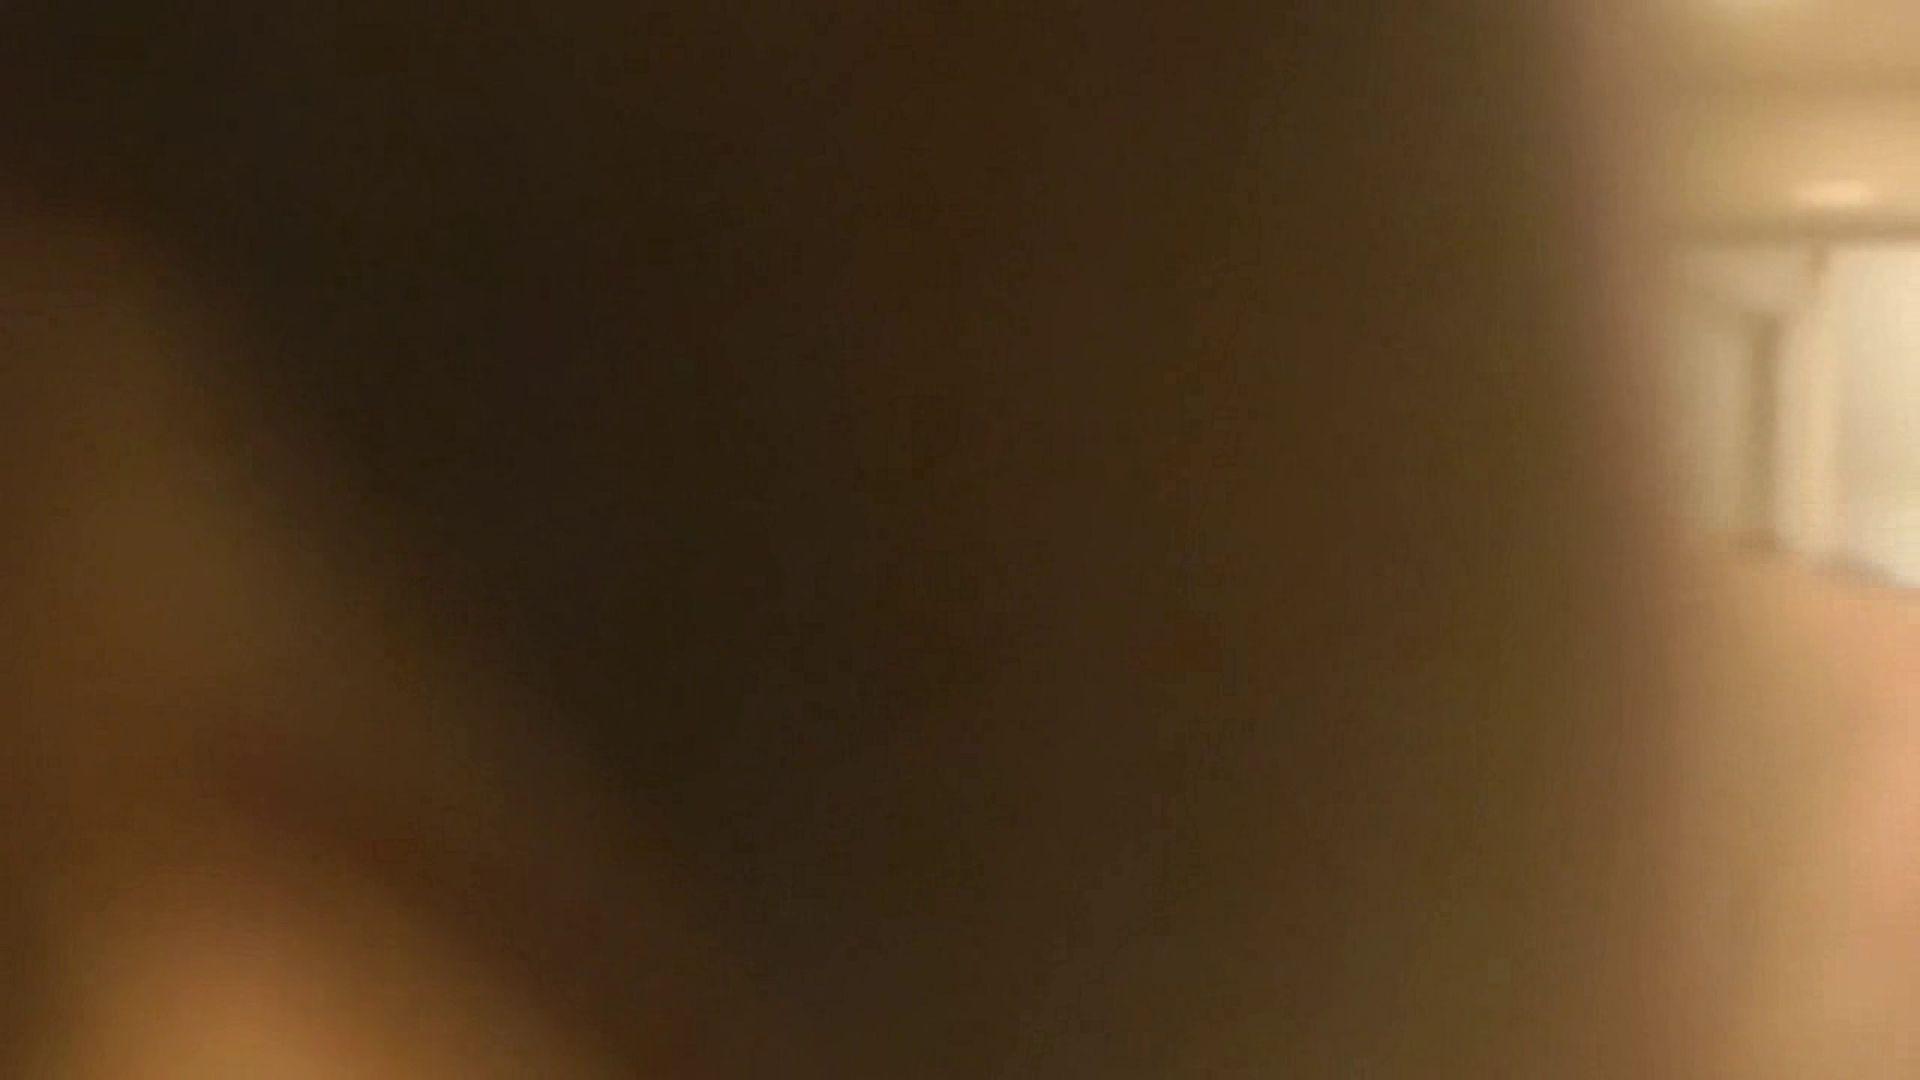 vol.1 Mayumi 窓越しに入浴シーン撮影に成功 入浴中の女性   OLのボディ  57PIX 3